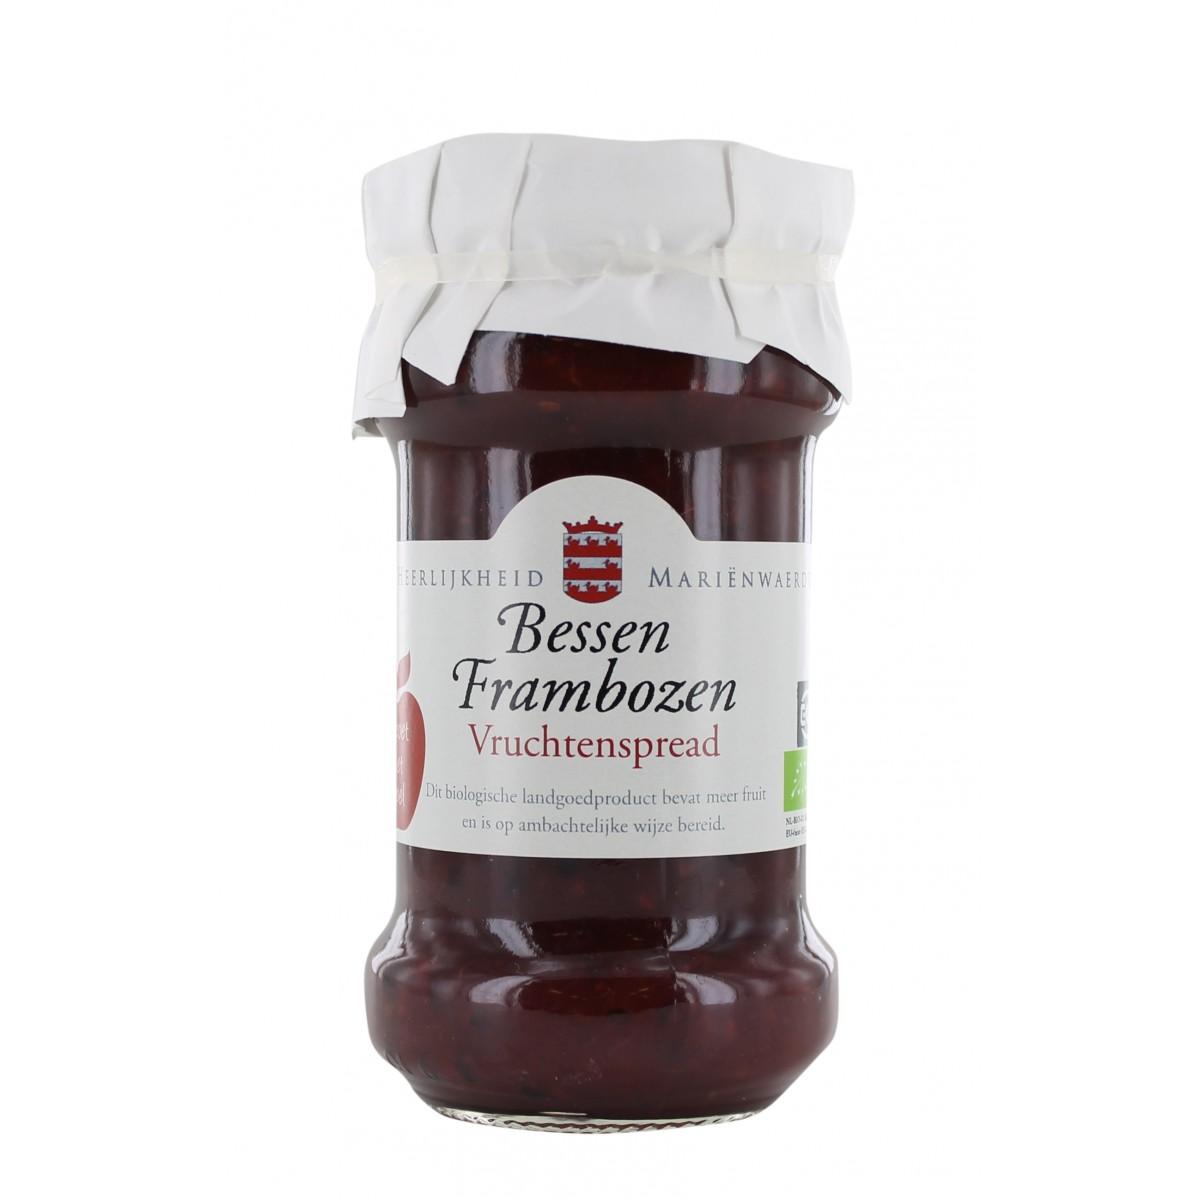 Vruchtenspread Bessen & Frambozen